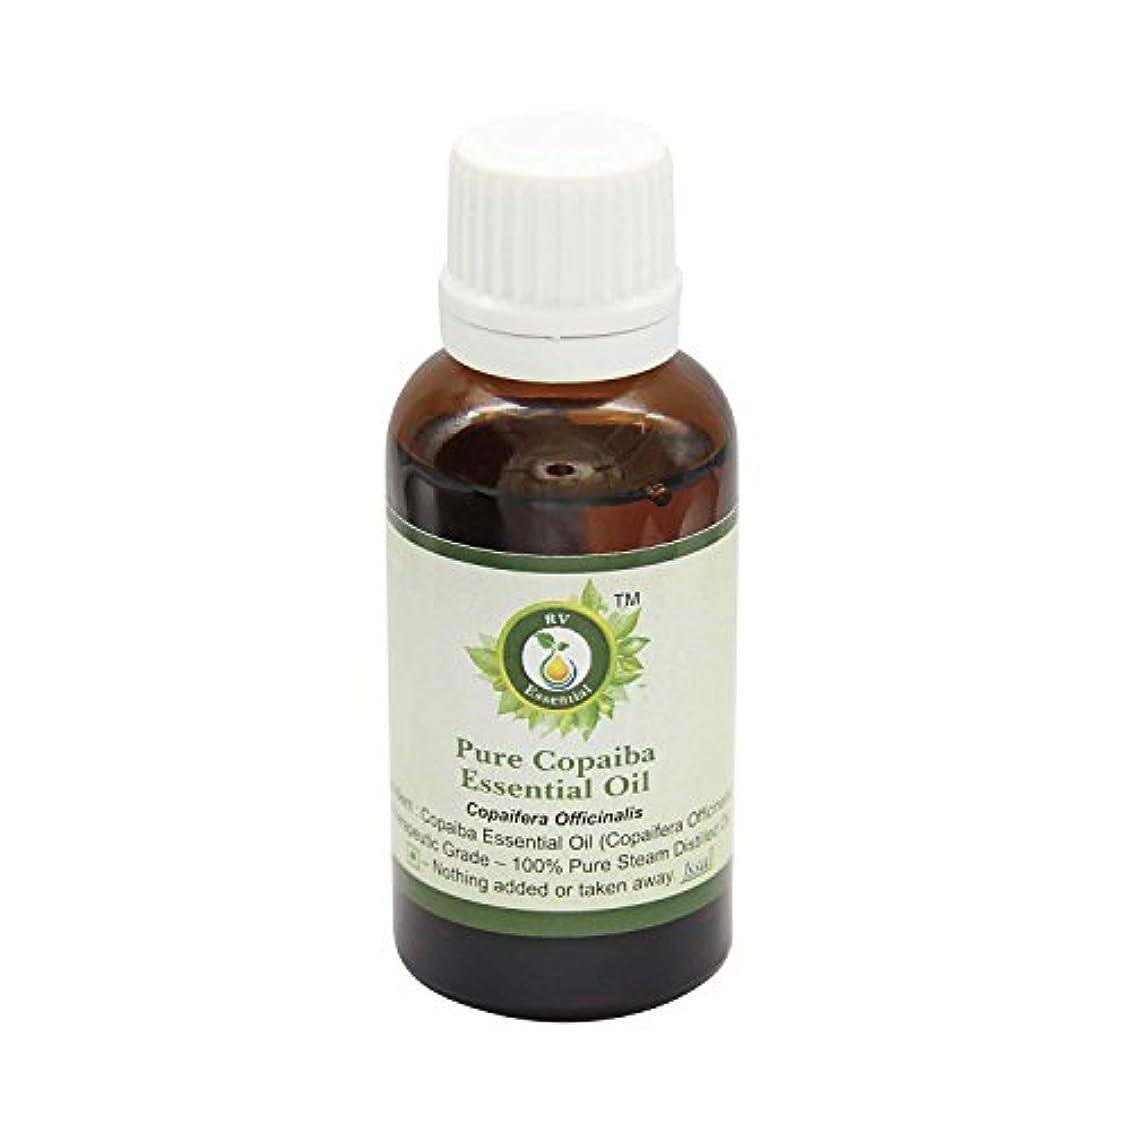 衣類固執徒歩でR V Essential ピュアコパイバエッセンシャルオイル15ml (0.507oz)- Copaifera Officinalis (100%純粋&天然スチームDistilled) Pure Copaiba Essential...